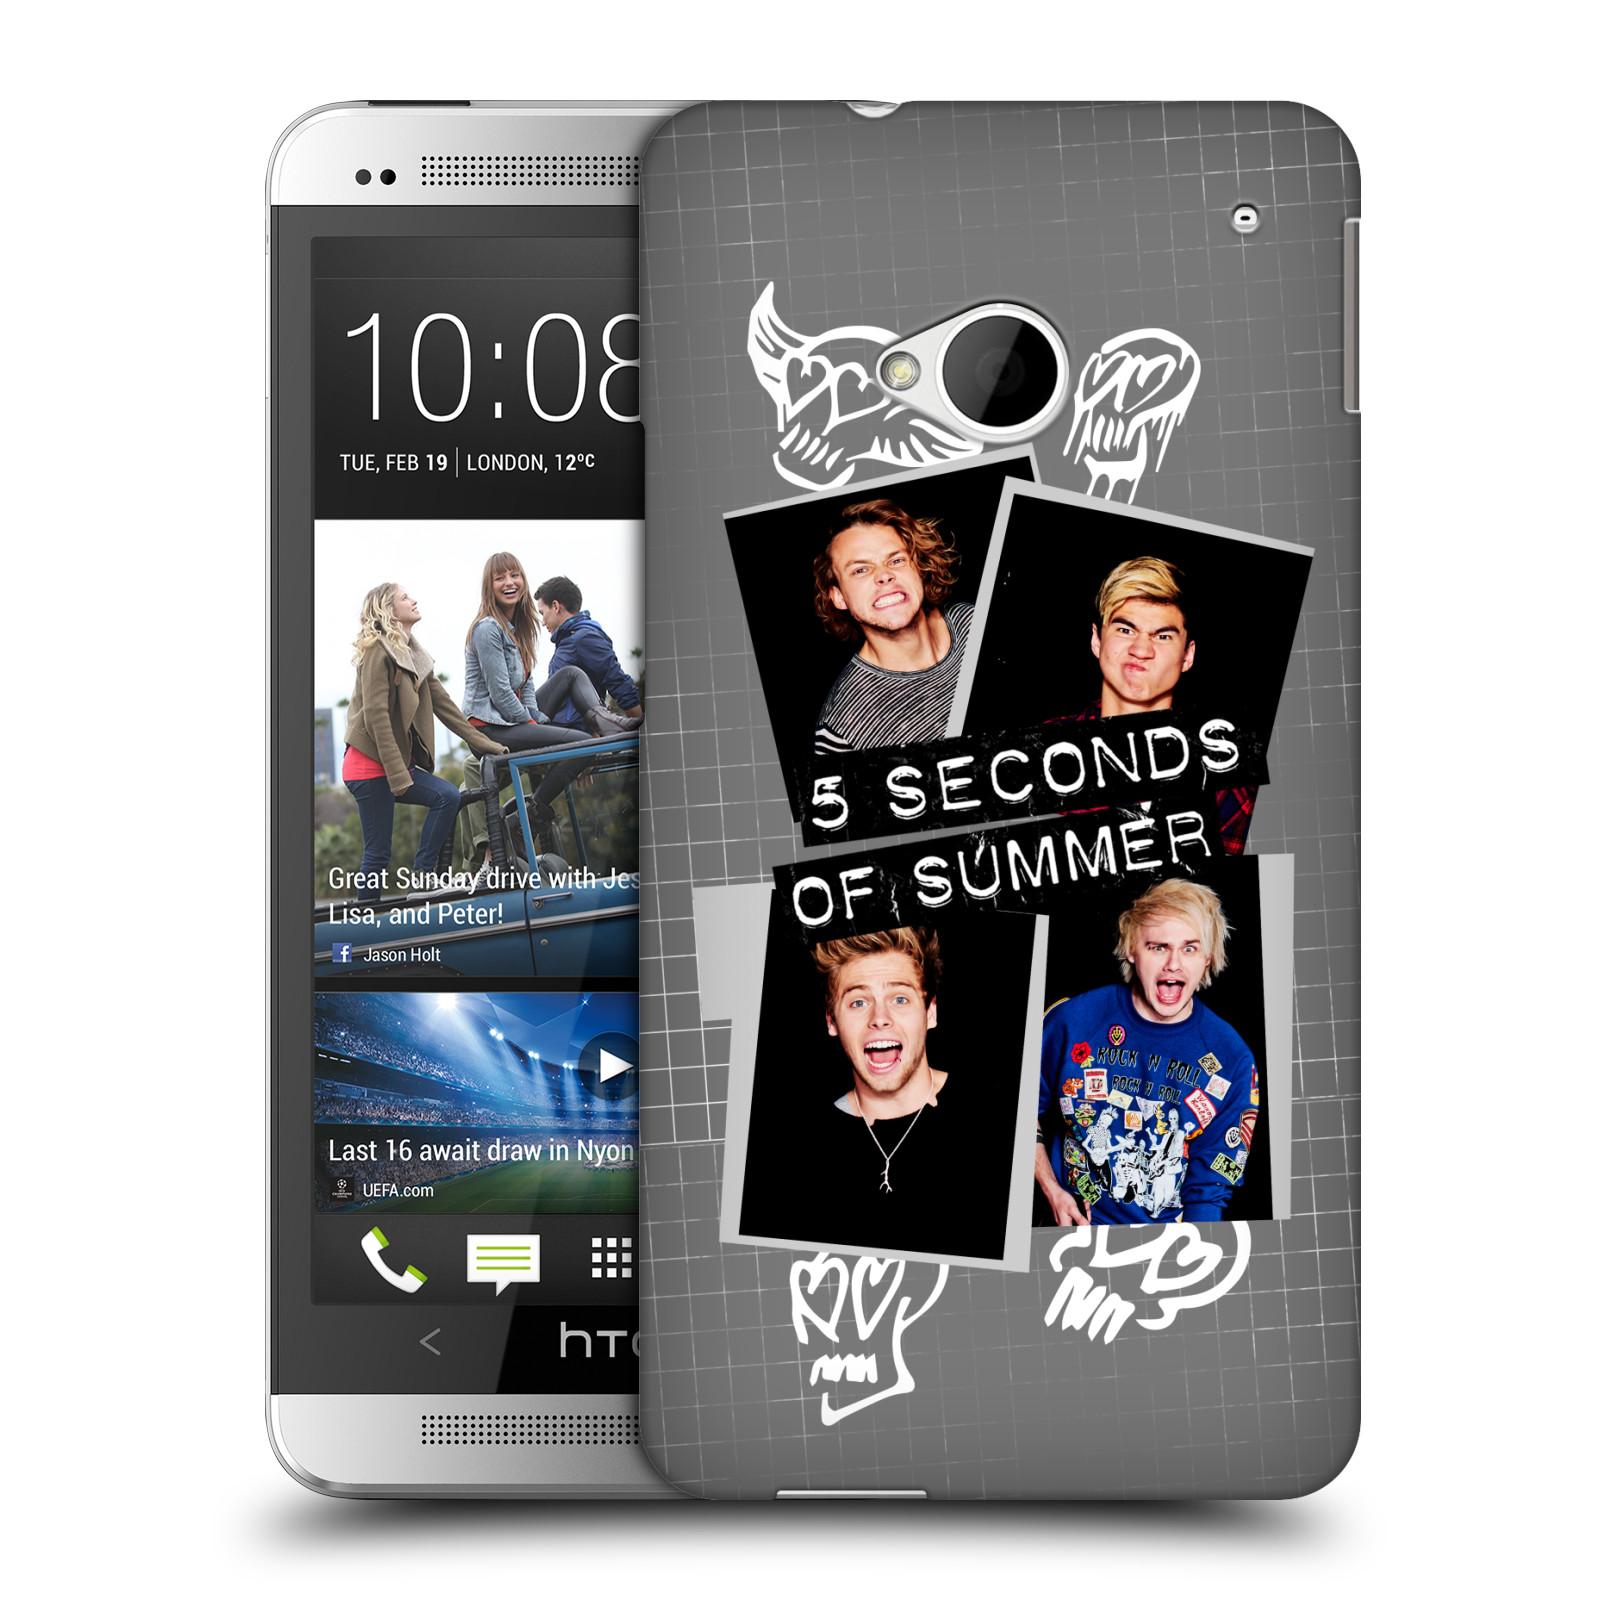 Plastové pouzdro na mobil HTC ONE M7 HEAD CASE 5 Seconds of Summer - Band Grey (Plastový kryt či obal na mobilní telefon licencovaným motivem 5 Seconds of Summer pro HTC ONE M7)